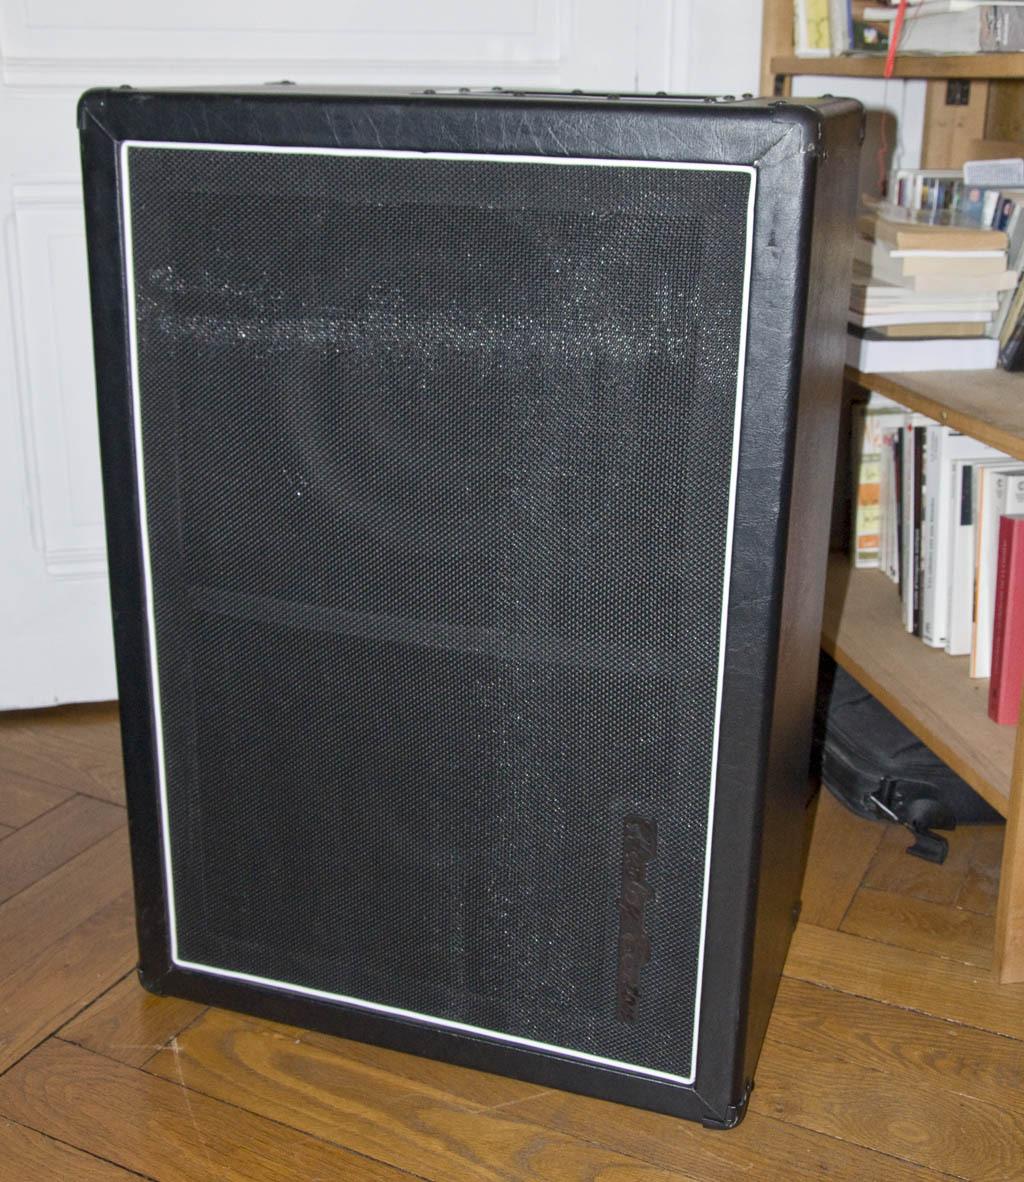 harley benton g212 vintage image 95534 audiofanzine. Black Bedroom Furniture Sets. Home Design Ideas